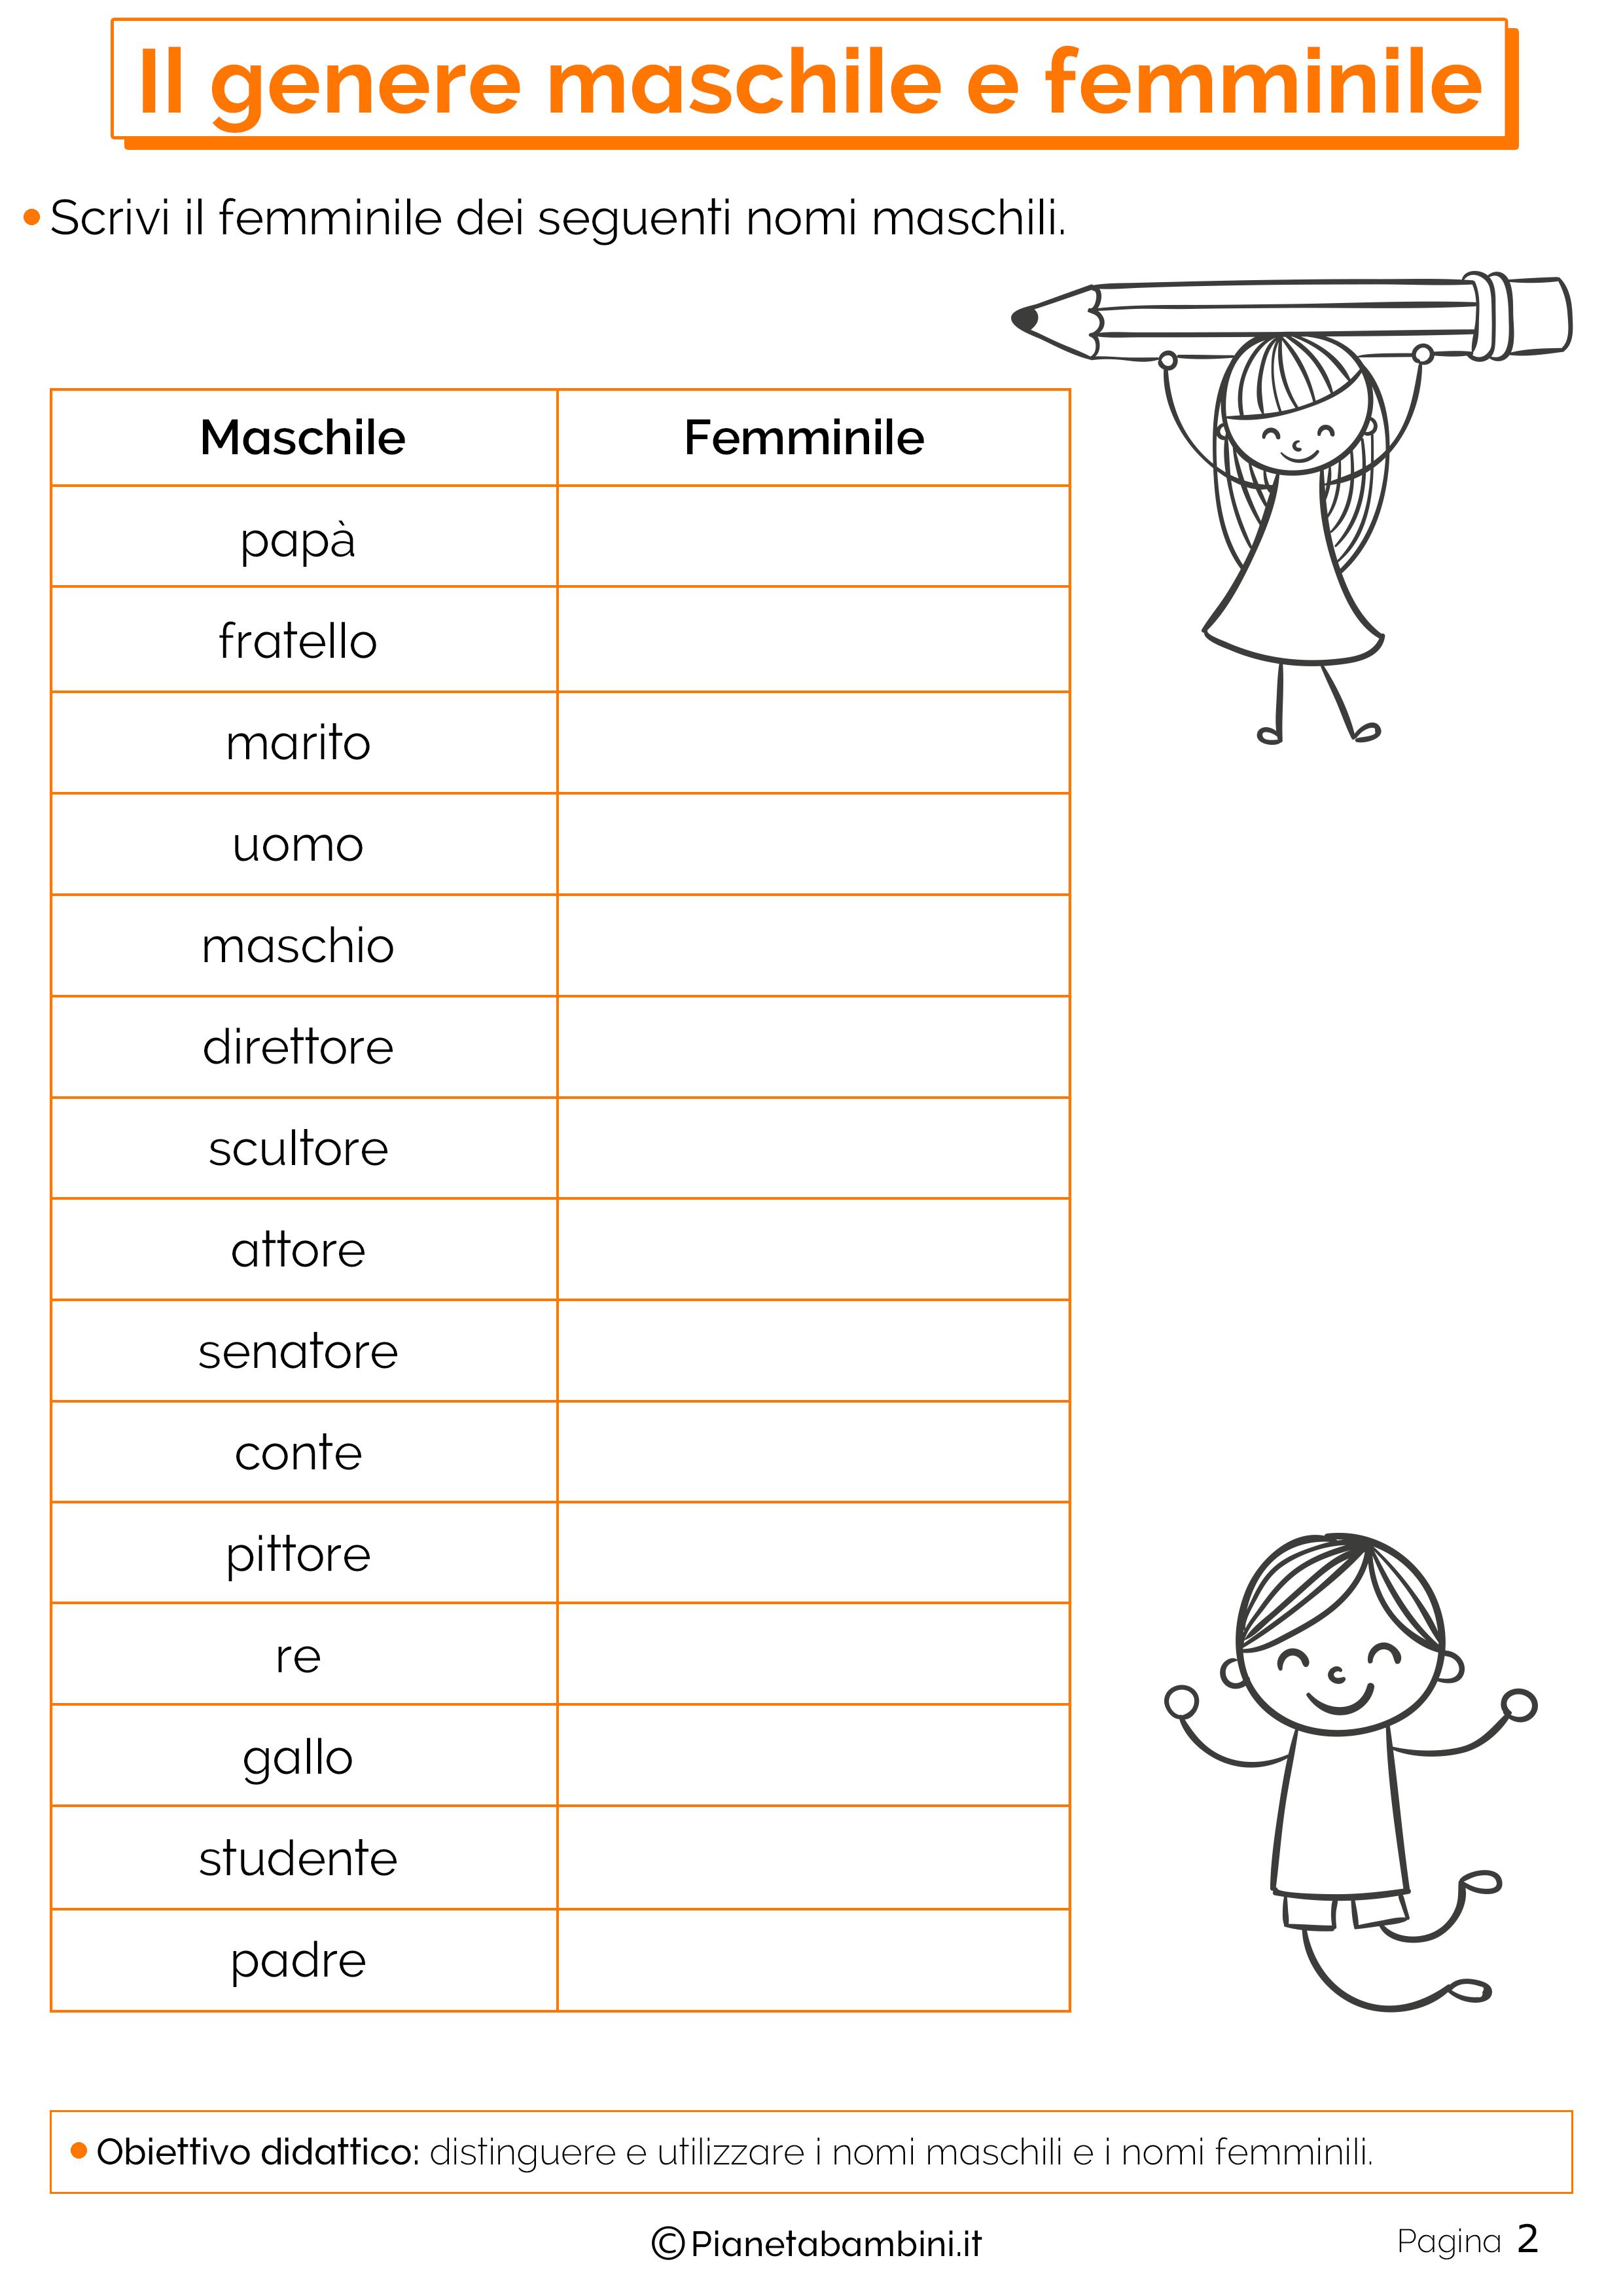 Esercizi sul genere maschile e femminile 2